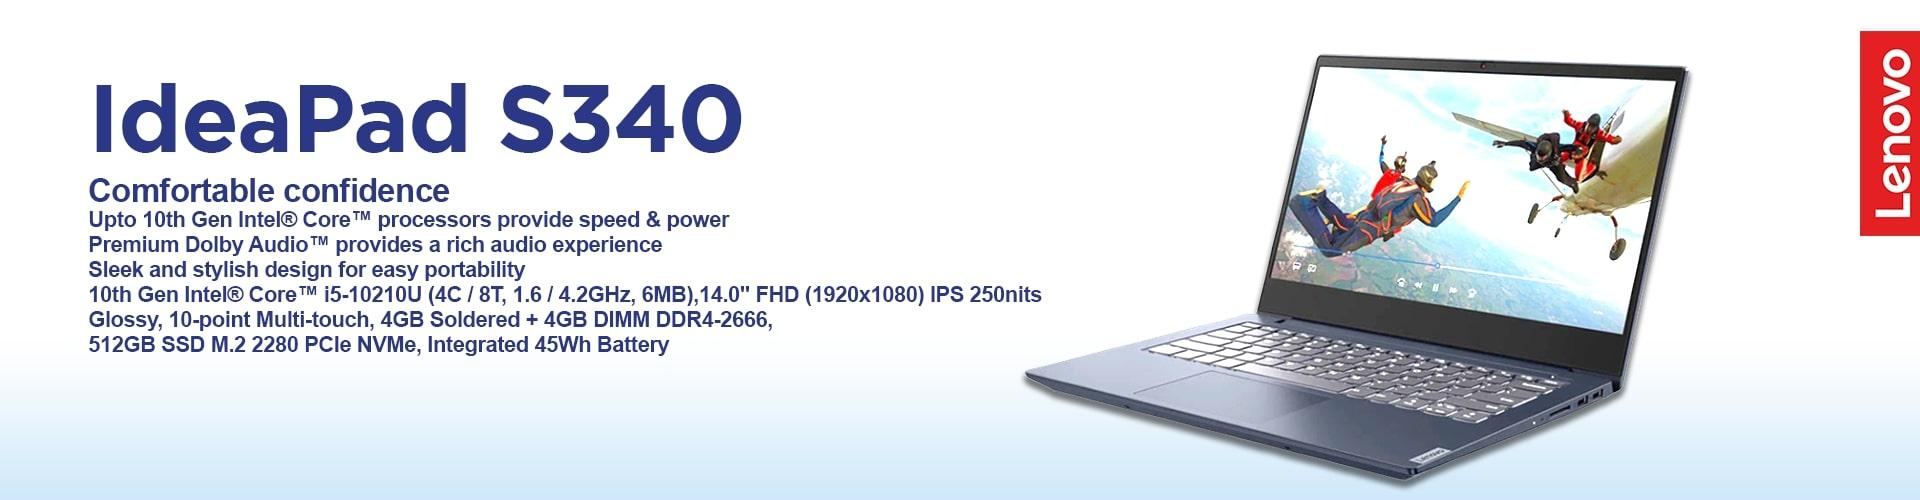 IdeaPad S340-2